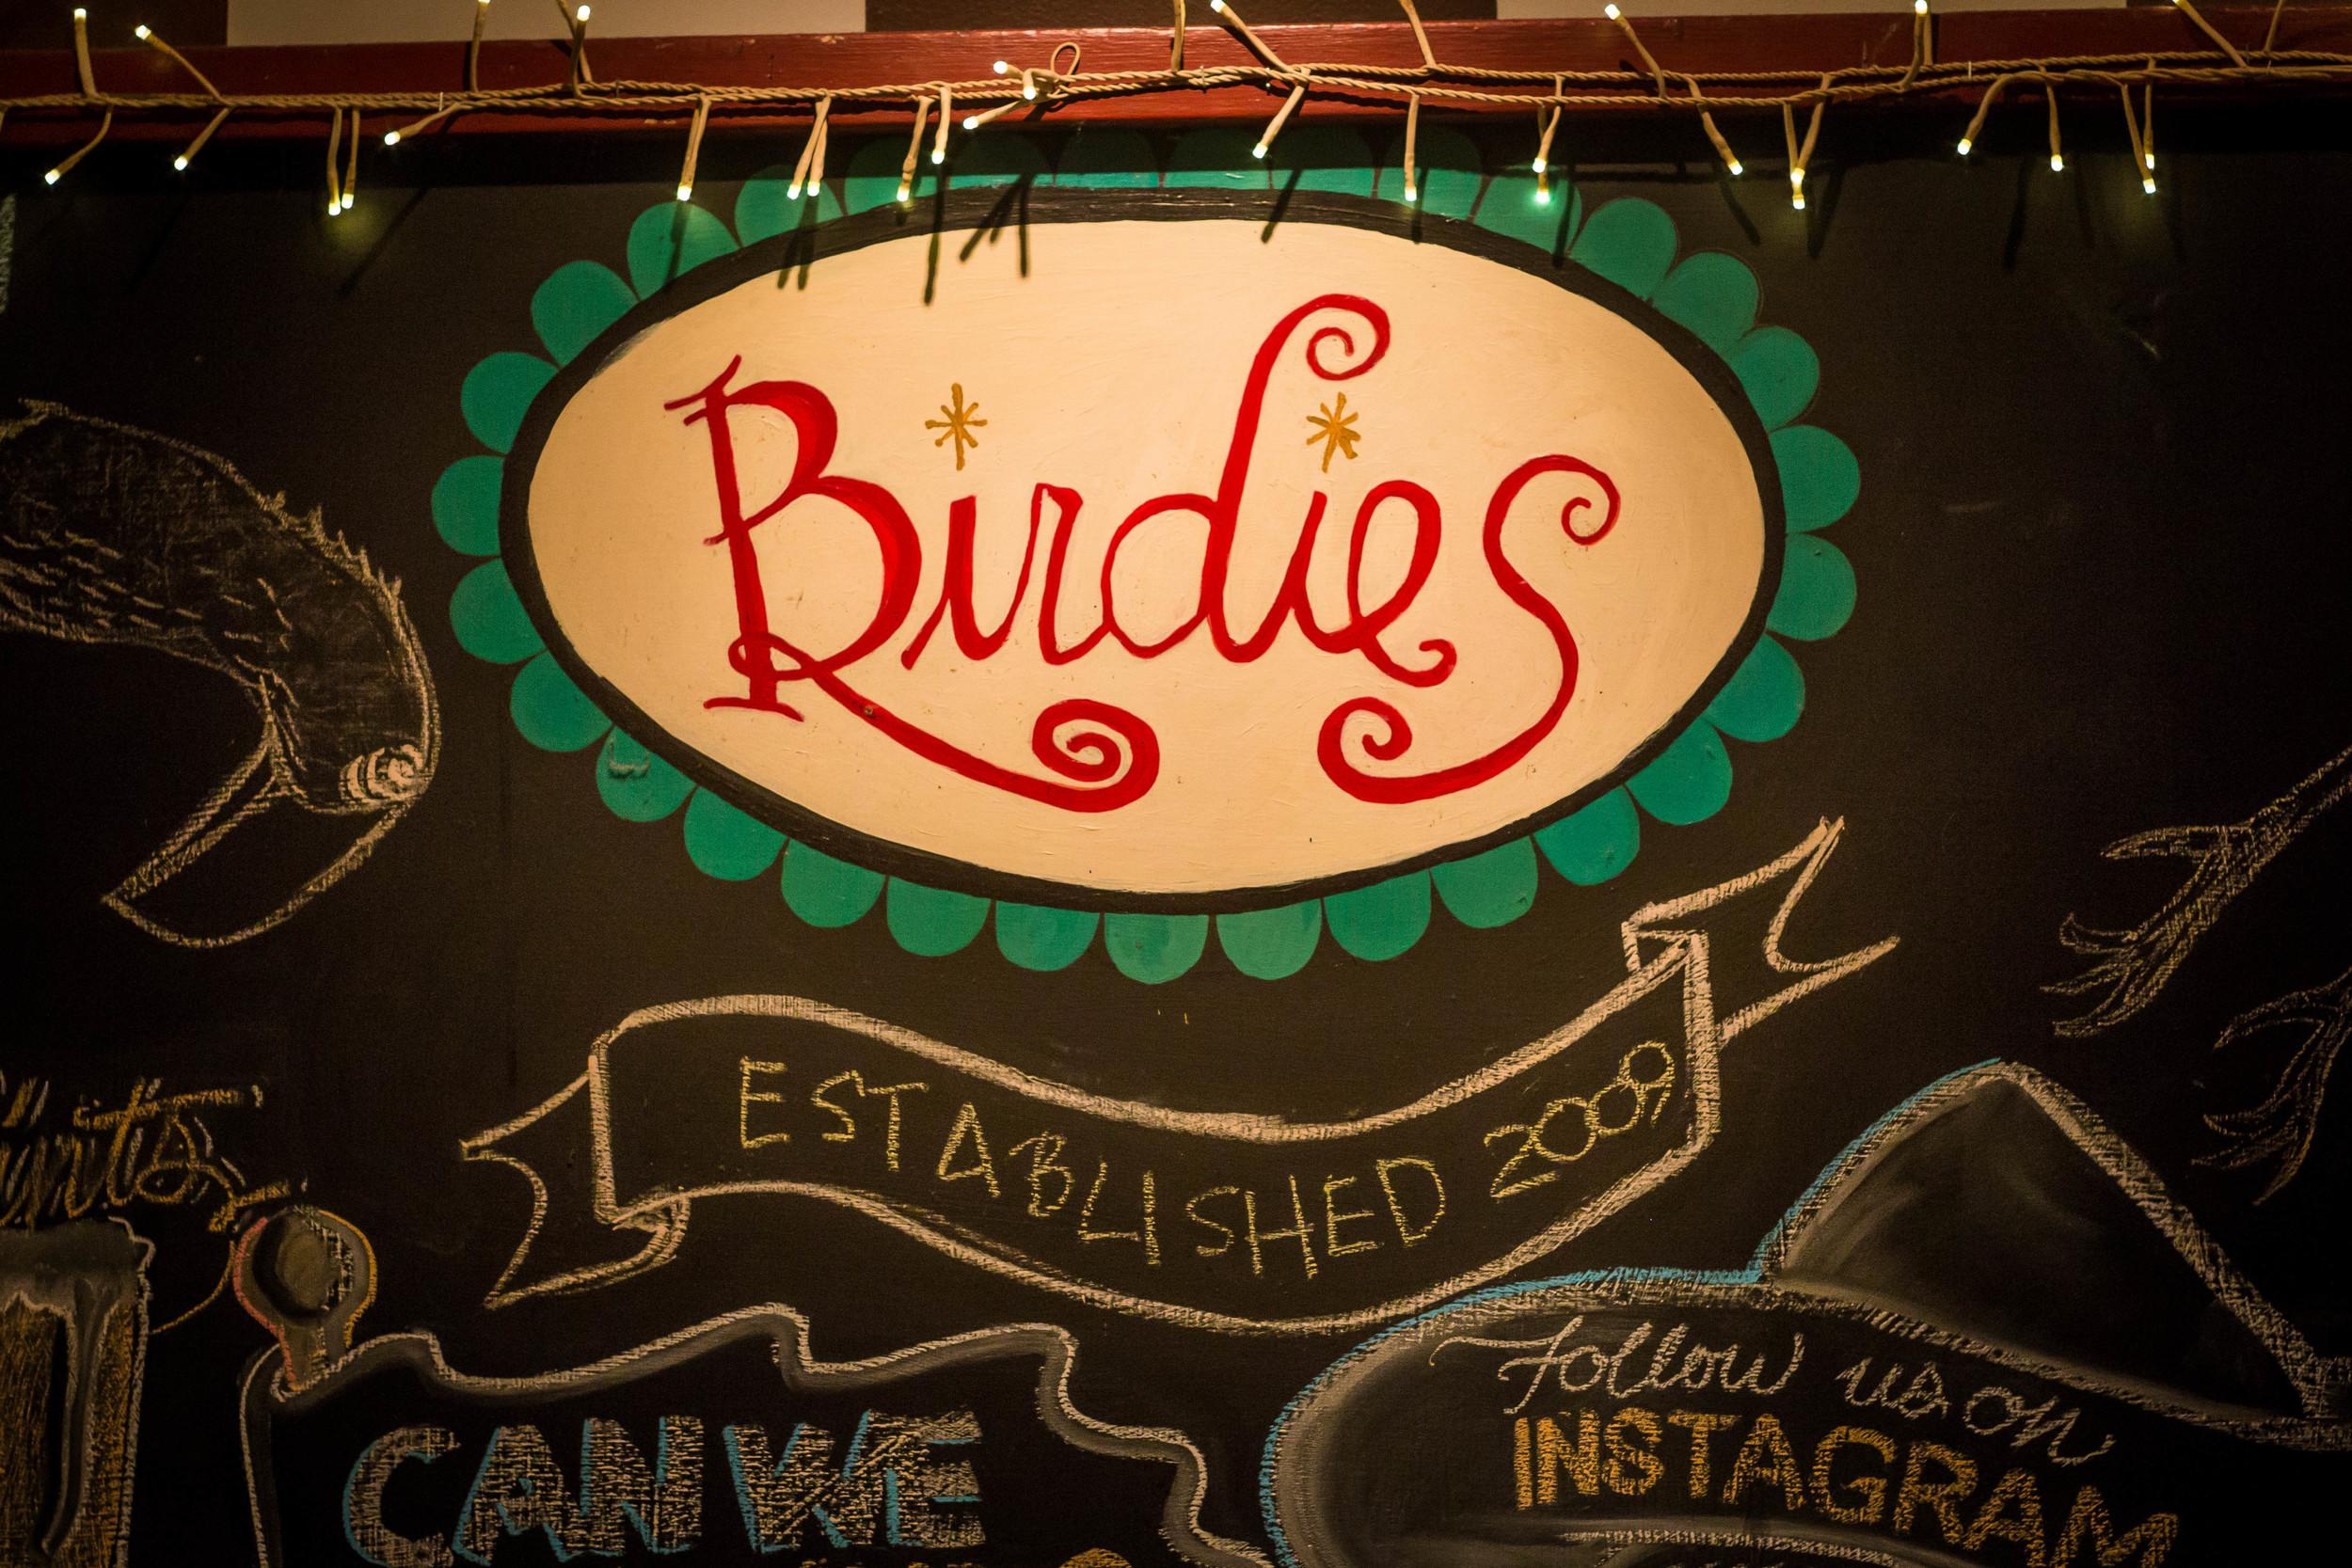 birdies painted sign.jpg